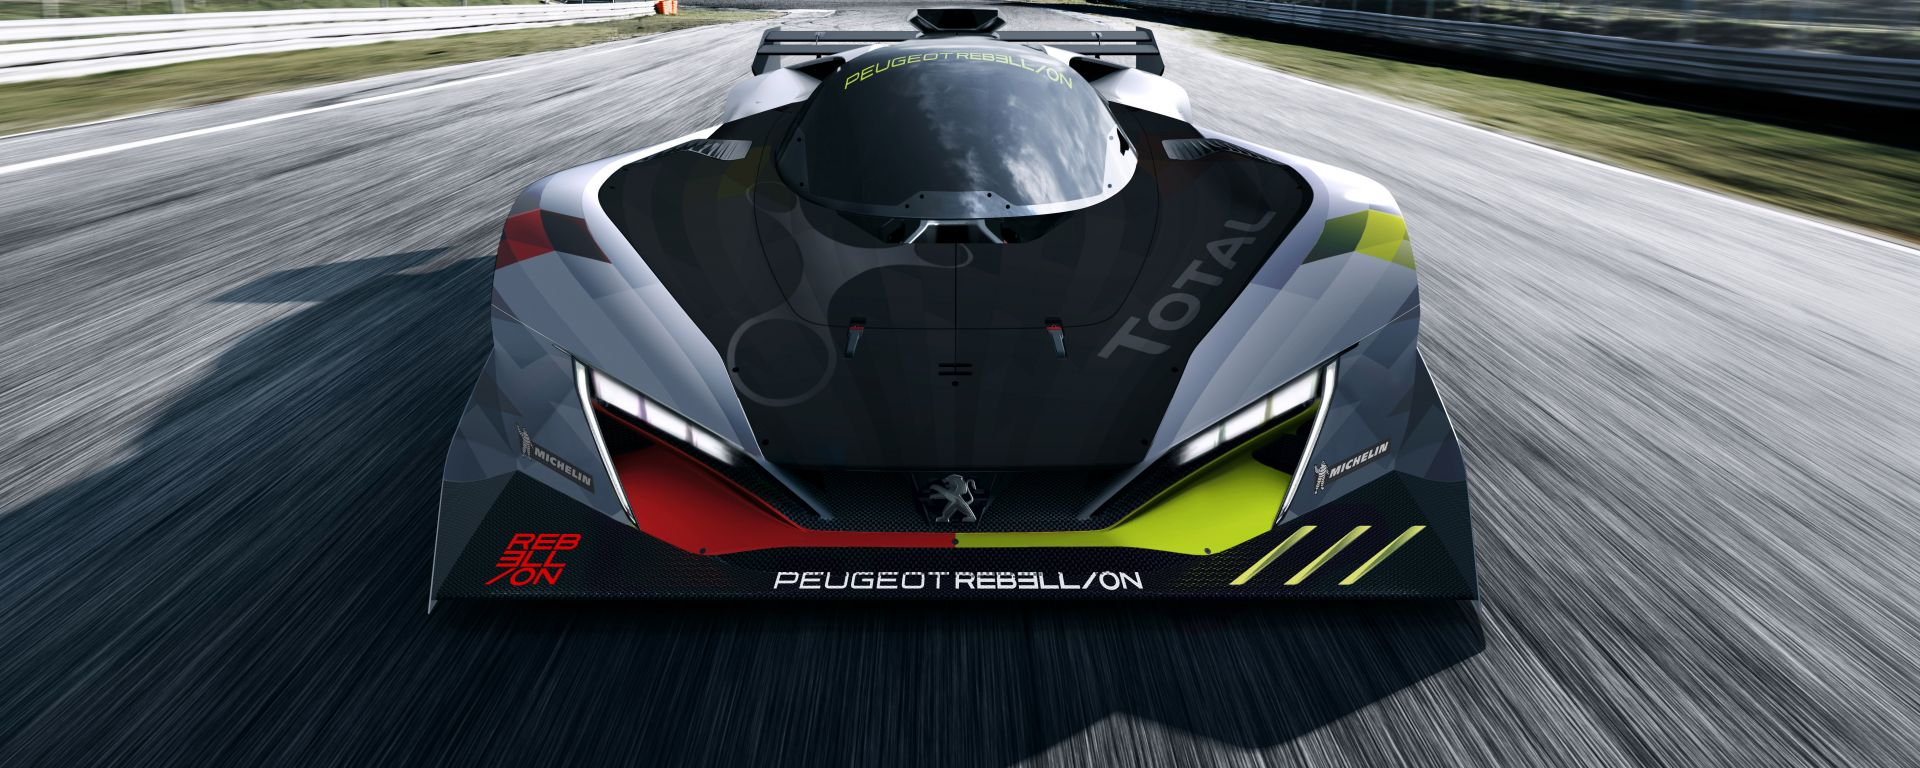 WEC: Peugeot e Rebellion insieme per il progetto Hypercar